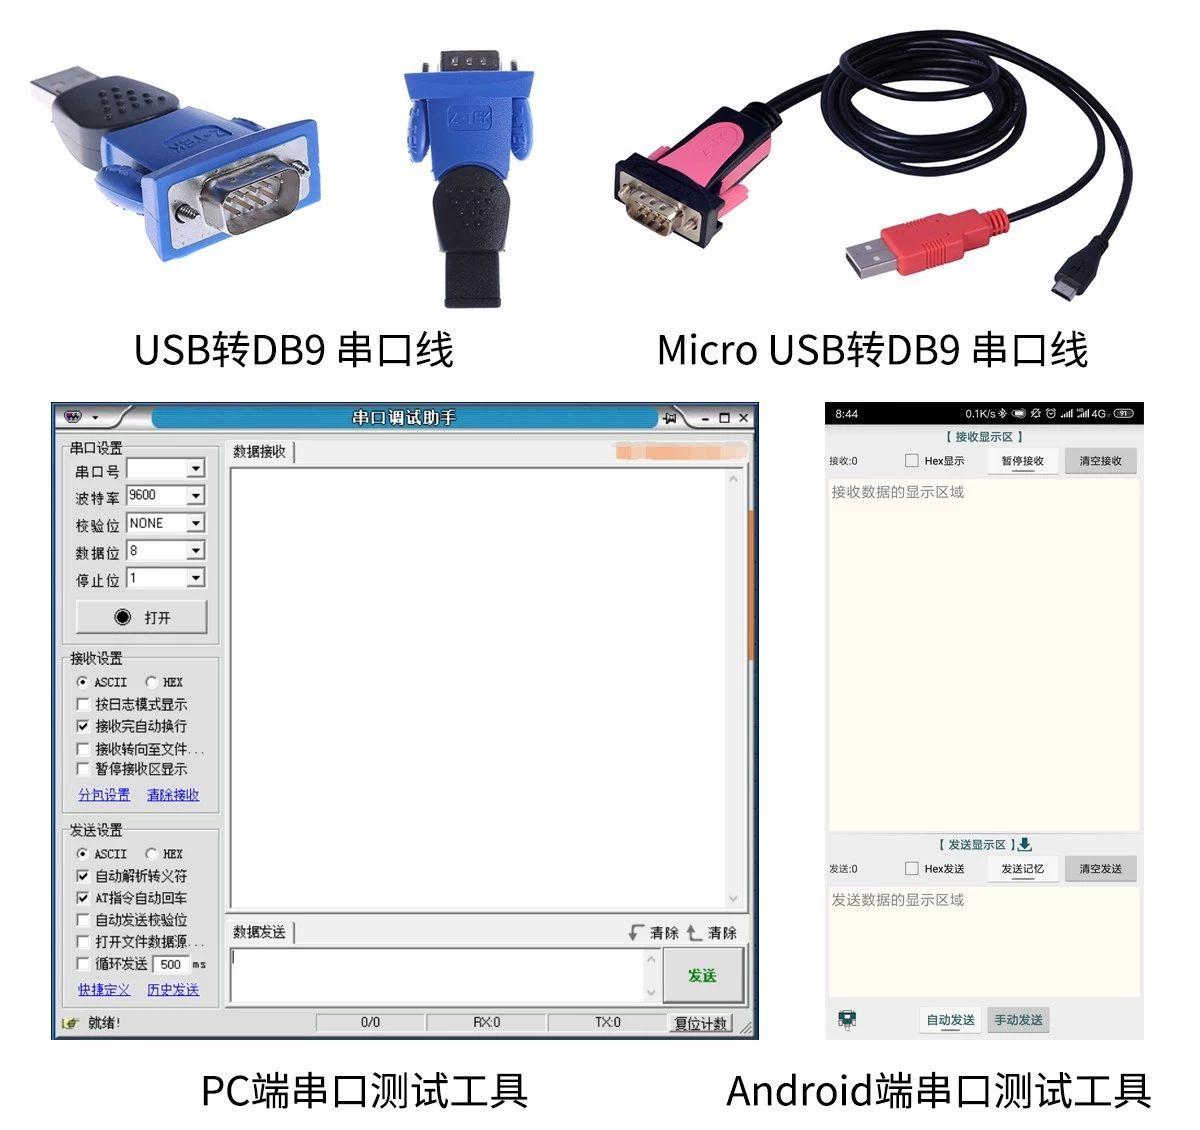 工具和软件-U转R接口.jpg